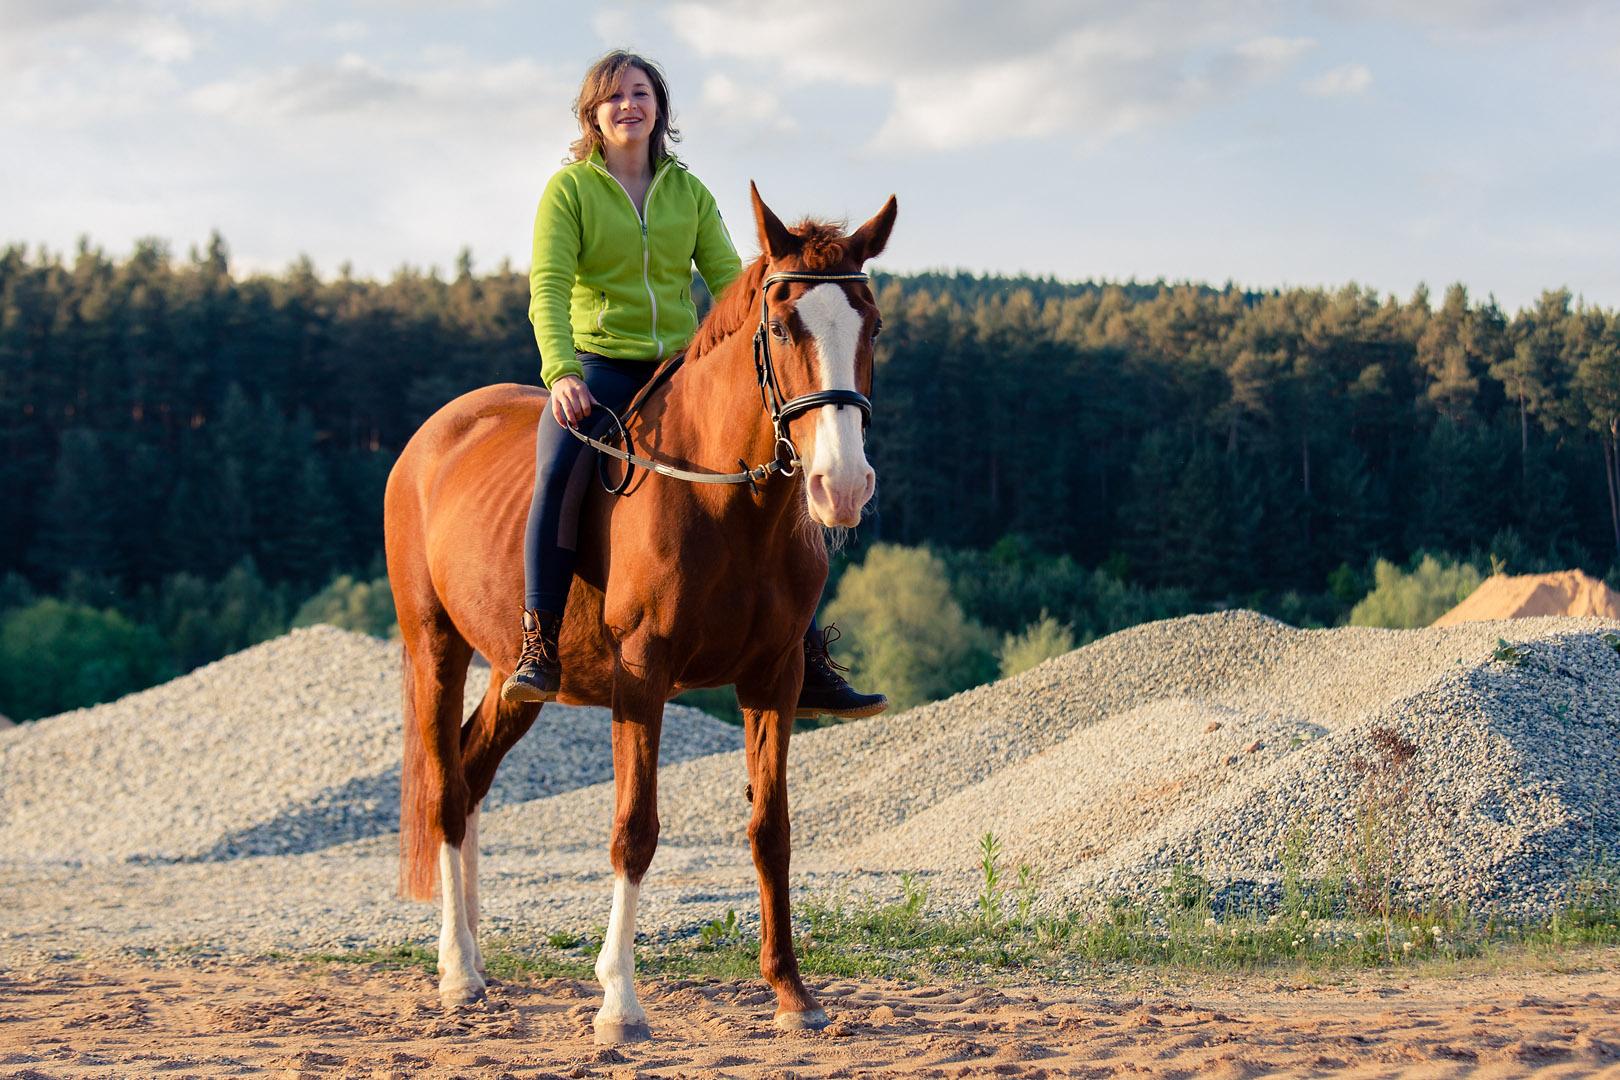 tierfotograf-pferde-outdoorshooting-der-fotograf-nürnberg3.jpg